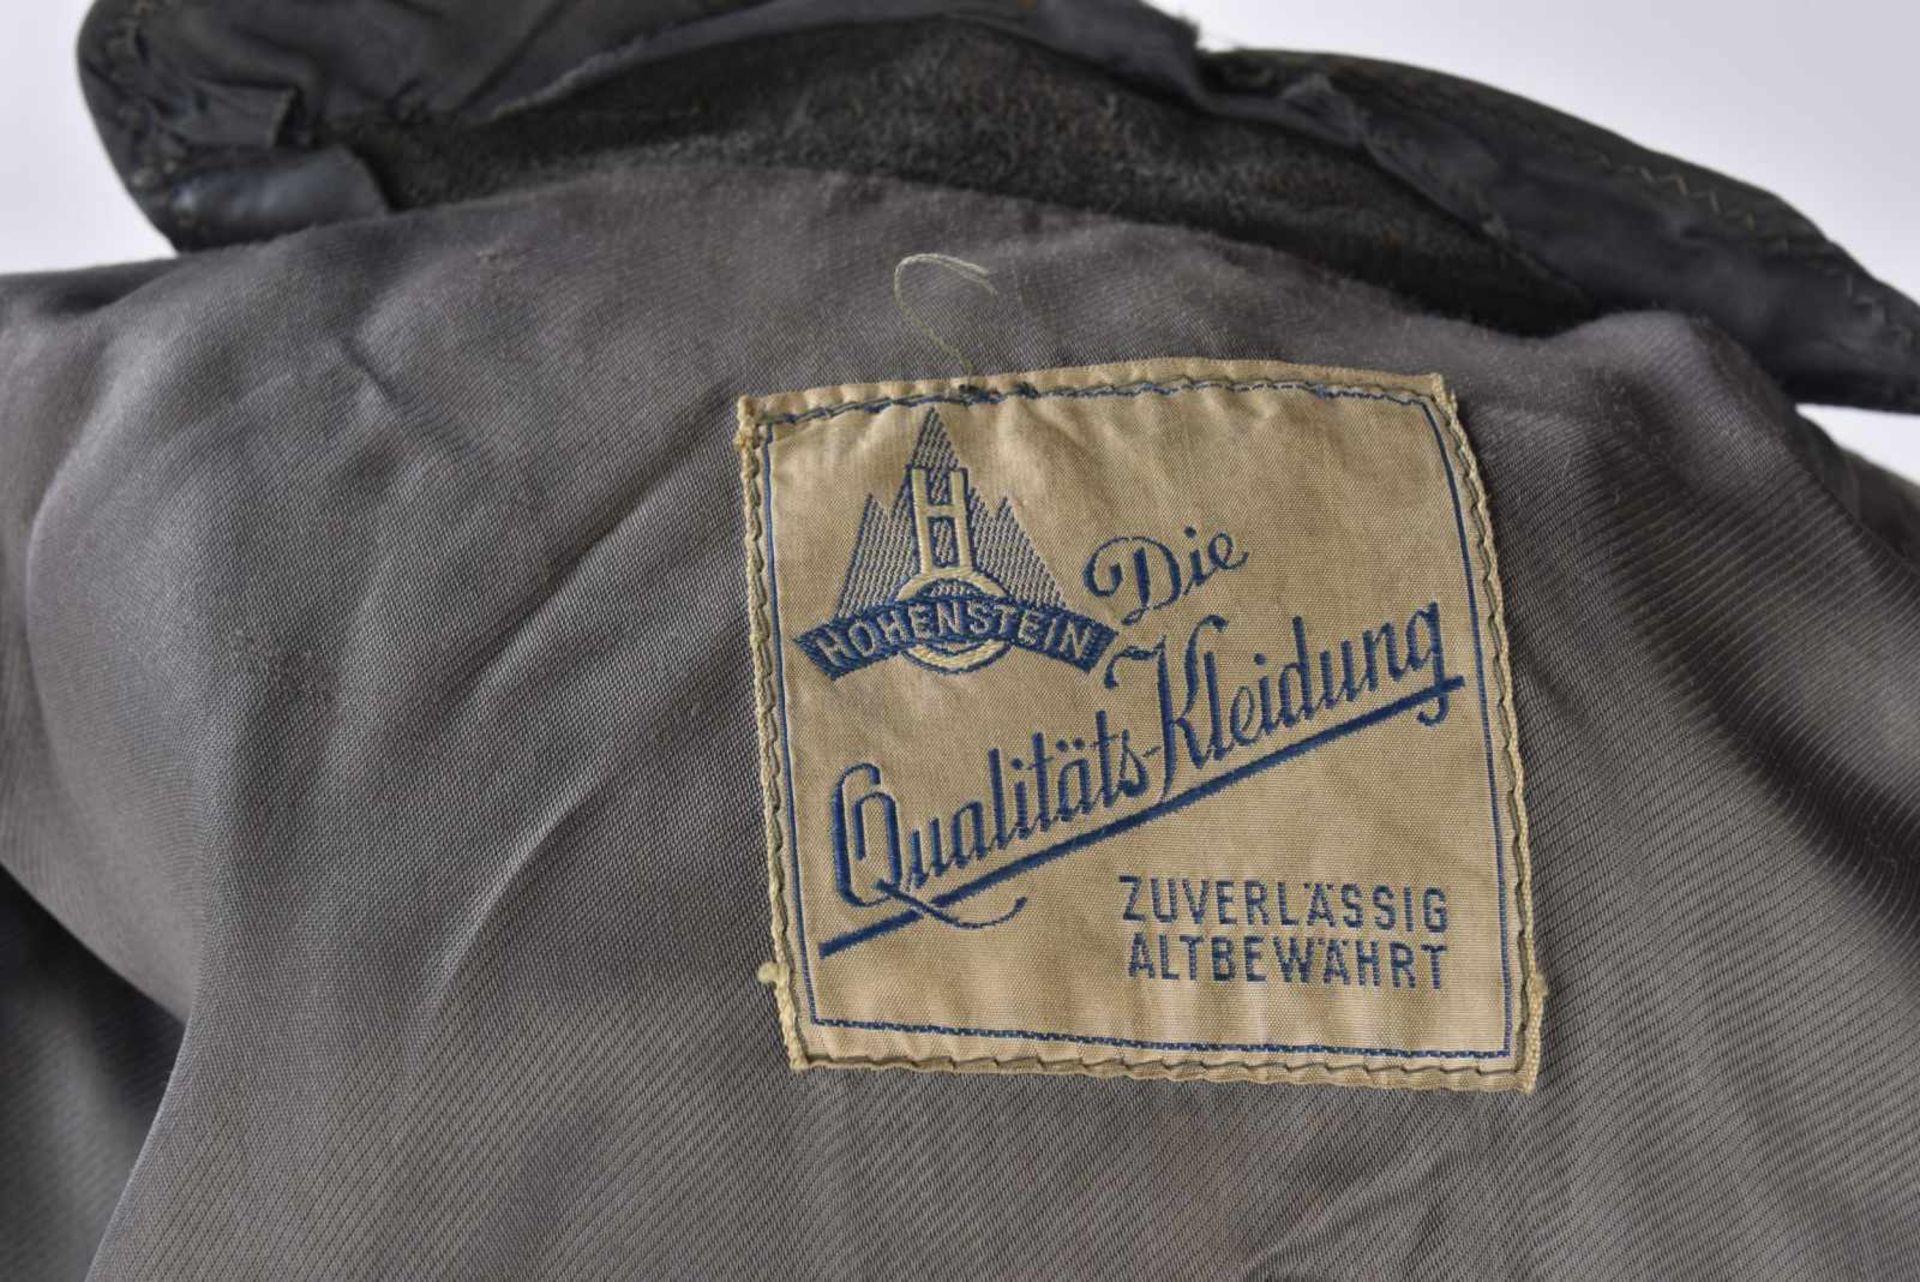 Manteau d'officier en cuir en épais cuir noir, tous les boutons sont présents, ainsi que la ceinture - Bild 2 aus 4